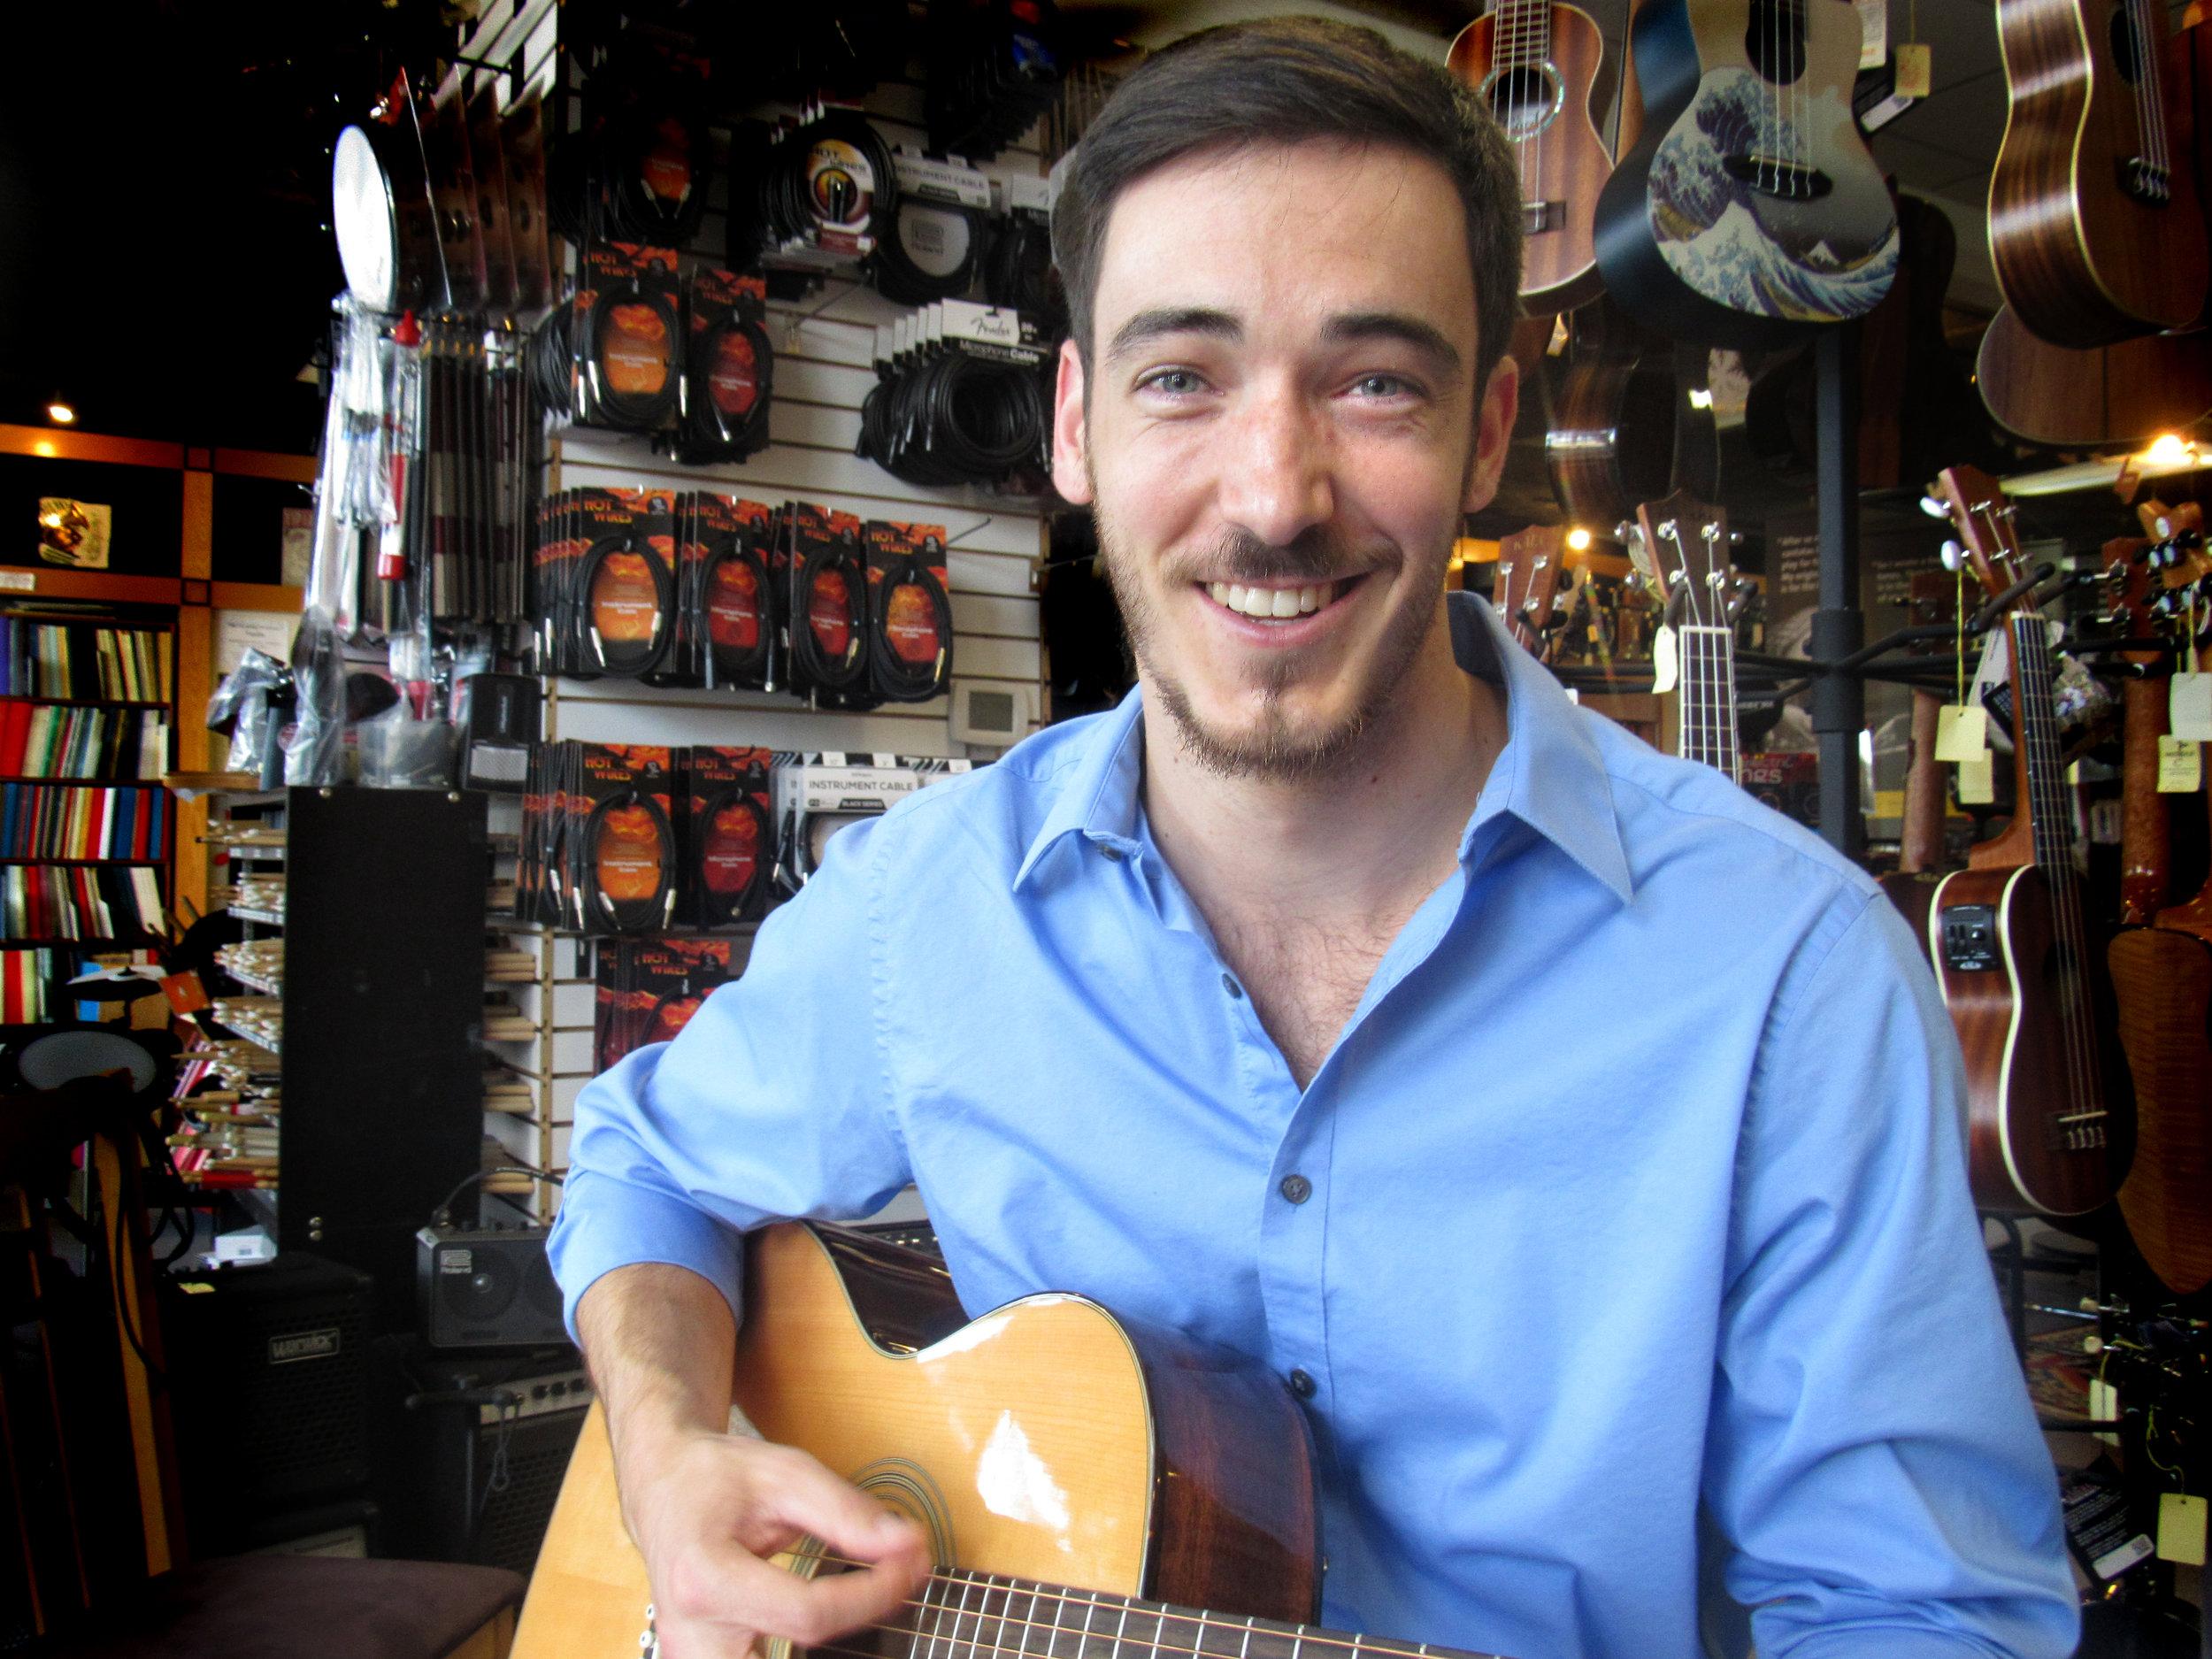 nick guitar1 edit.jpg